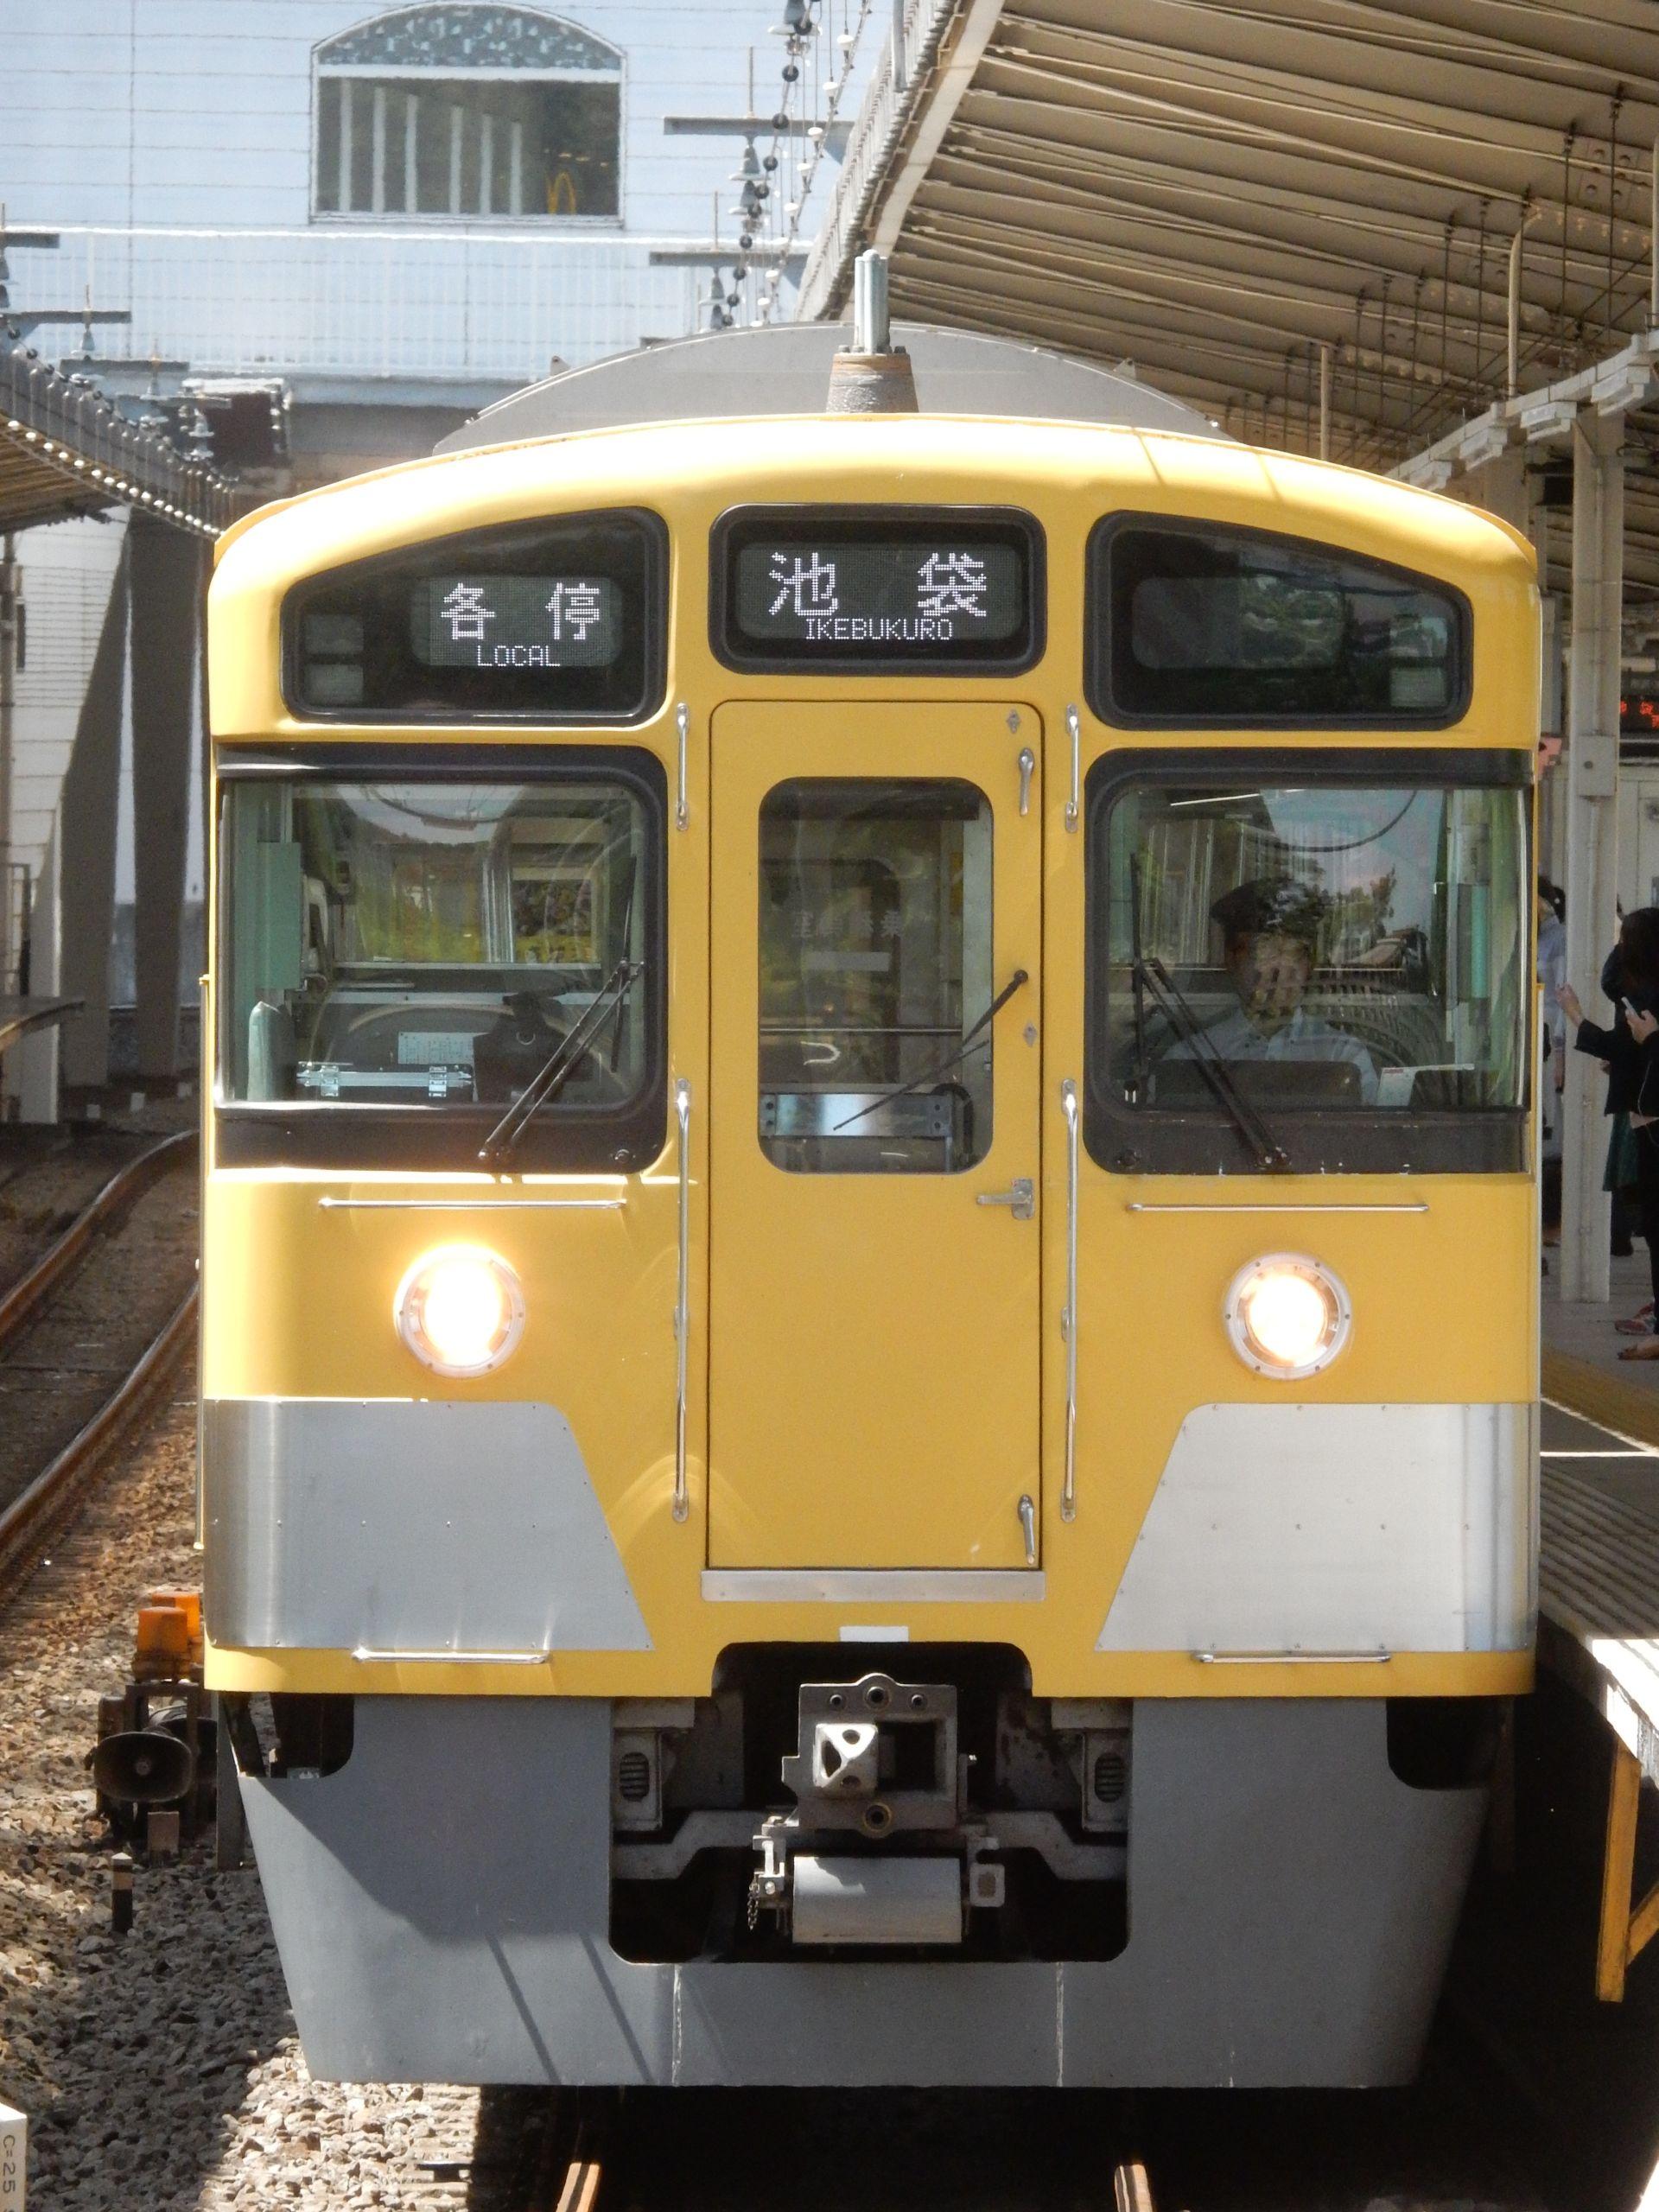 DSCN9491 - コピー